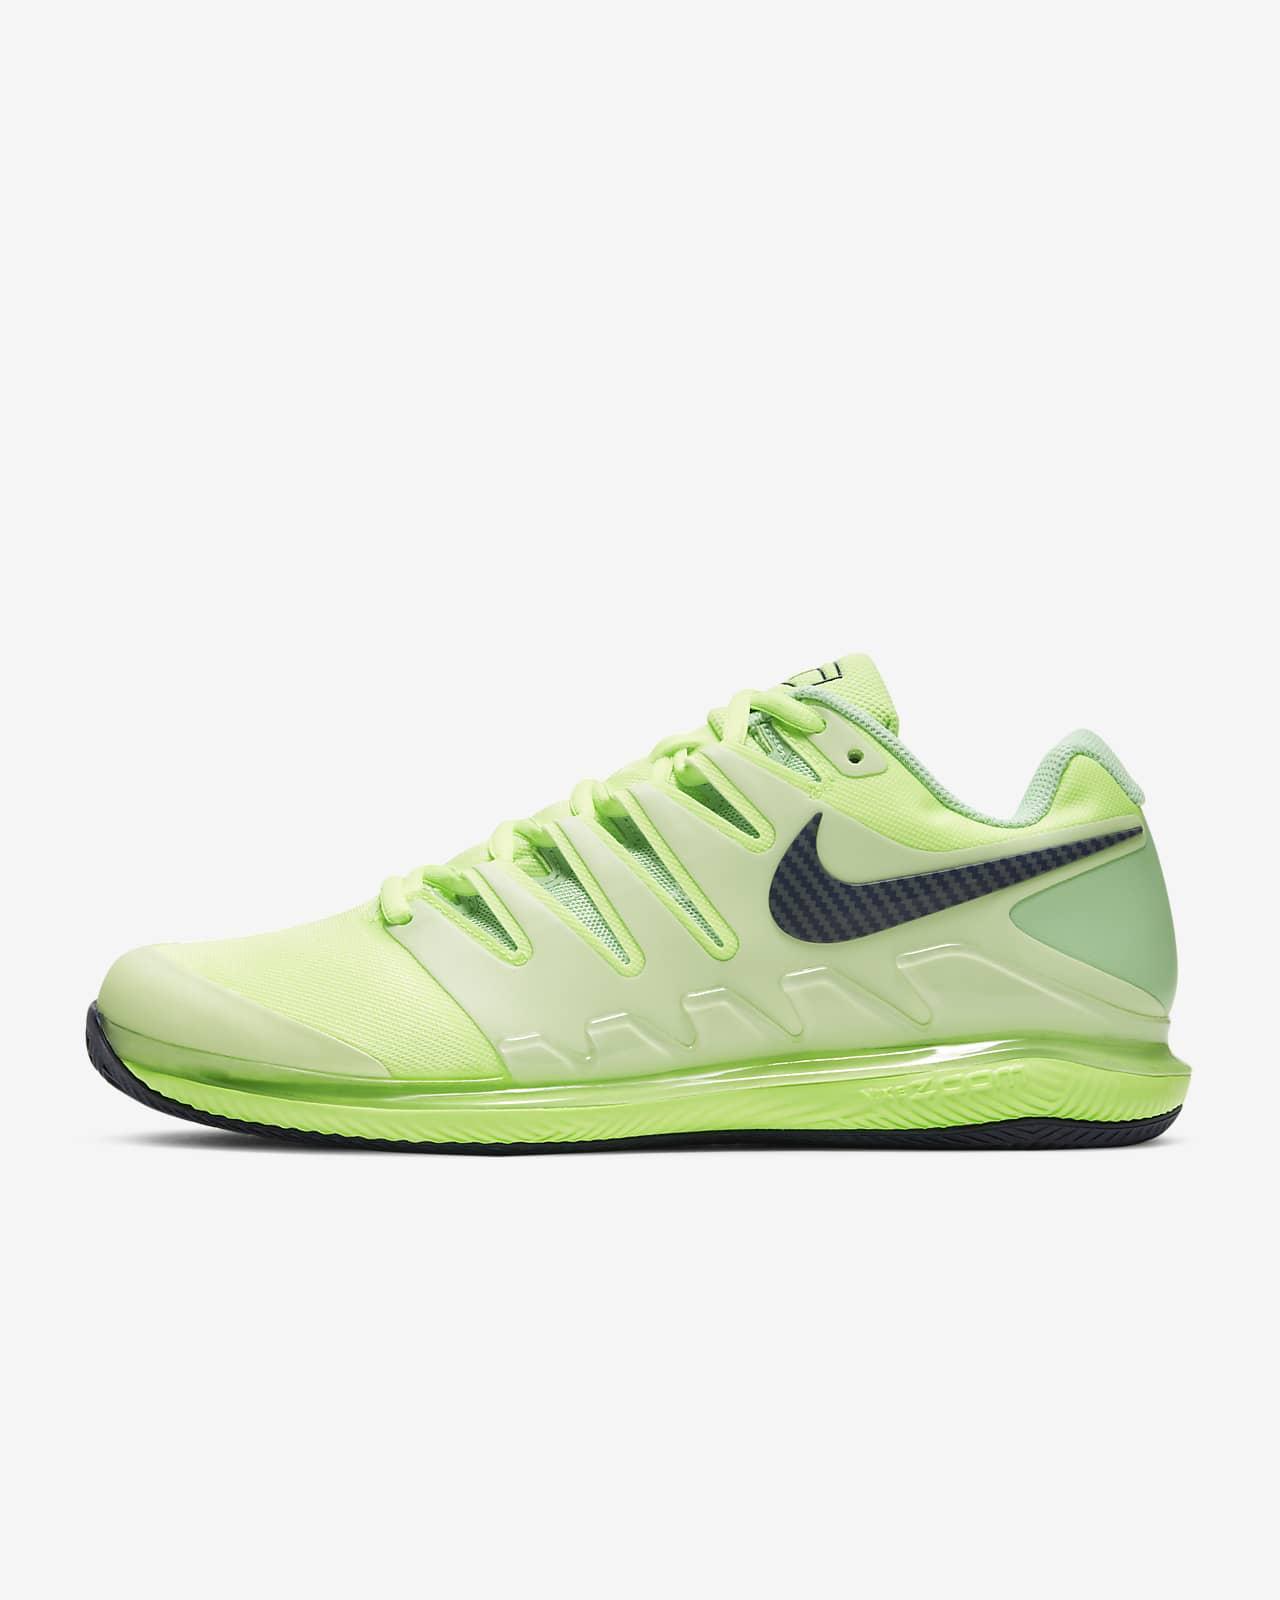 Мужские теннисные кроссовки для грунтовых кортов NikeCourt Air Zoom Vapor X